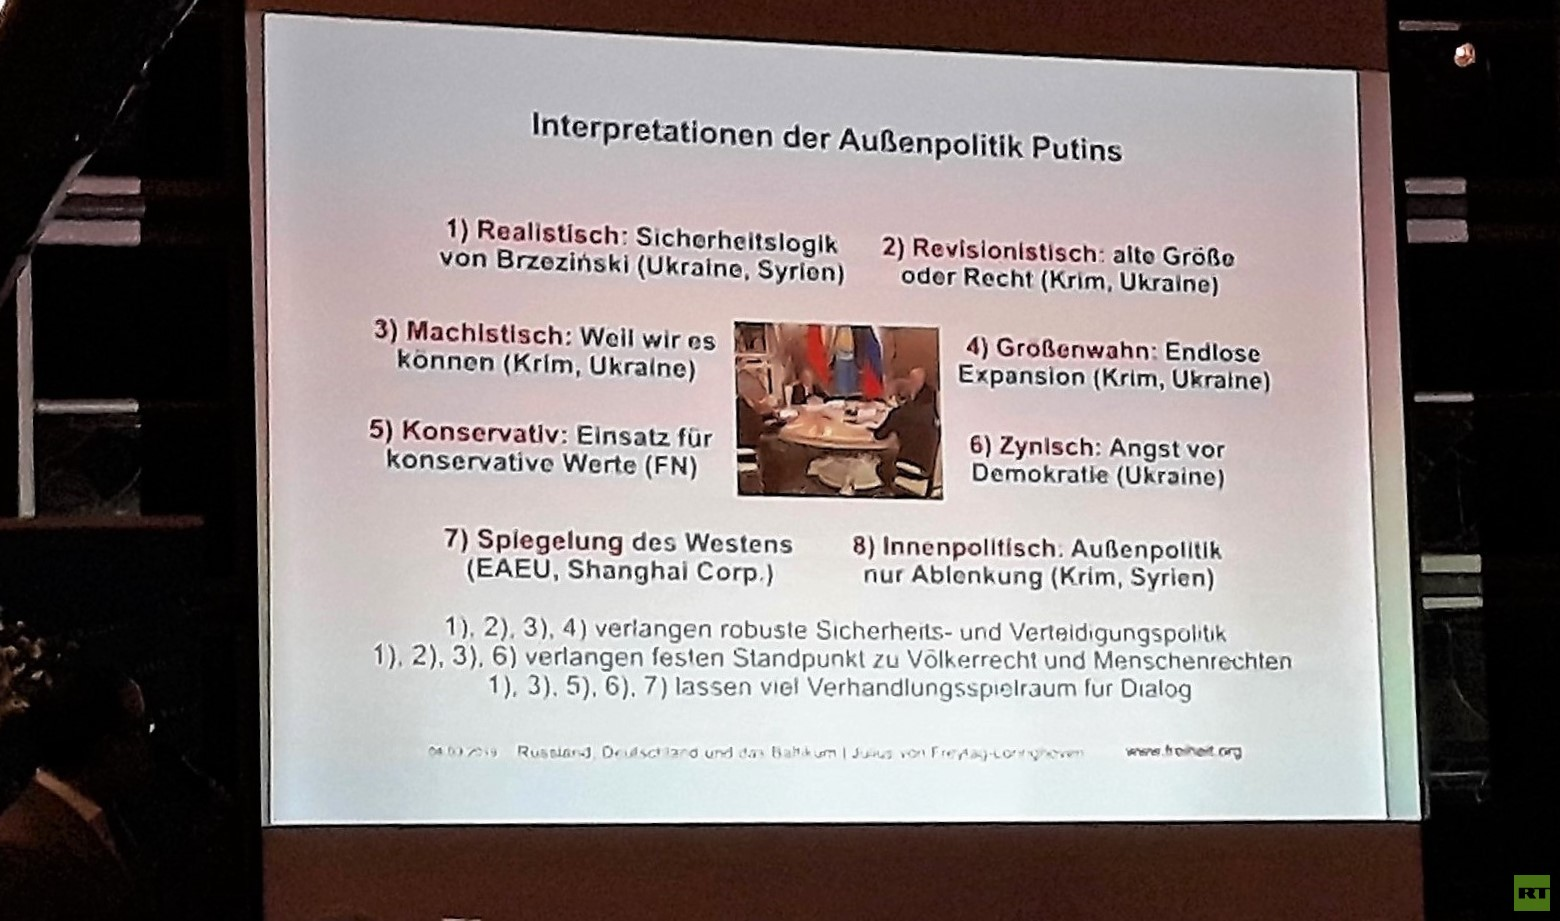 Erfindung der Russen? Deutsche Freunde des Baltikums schauen bei Problemen der Region lieber weg